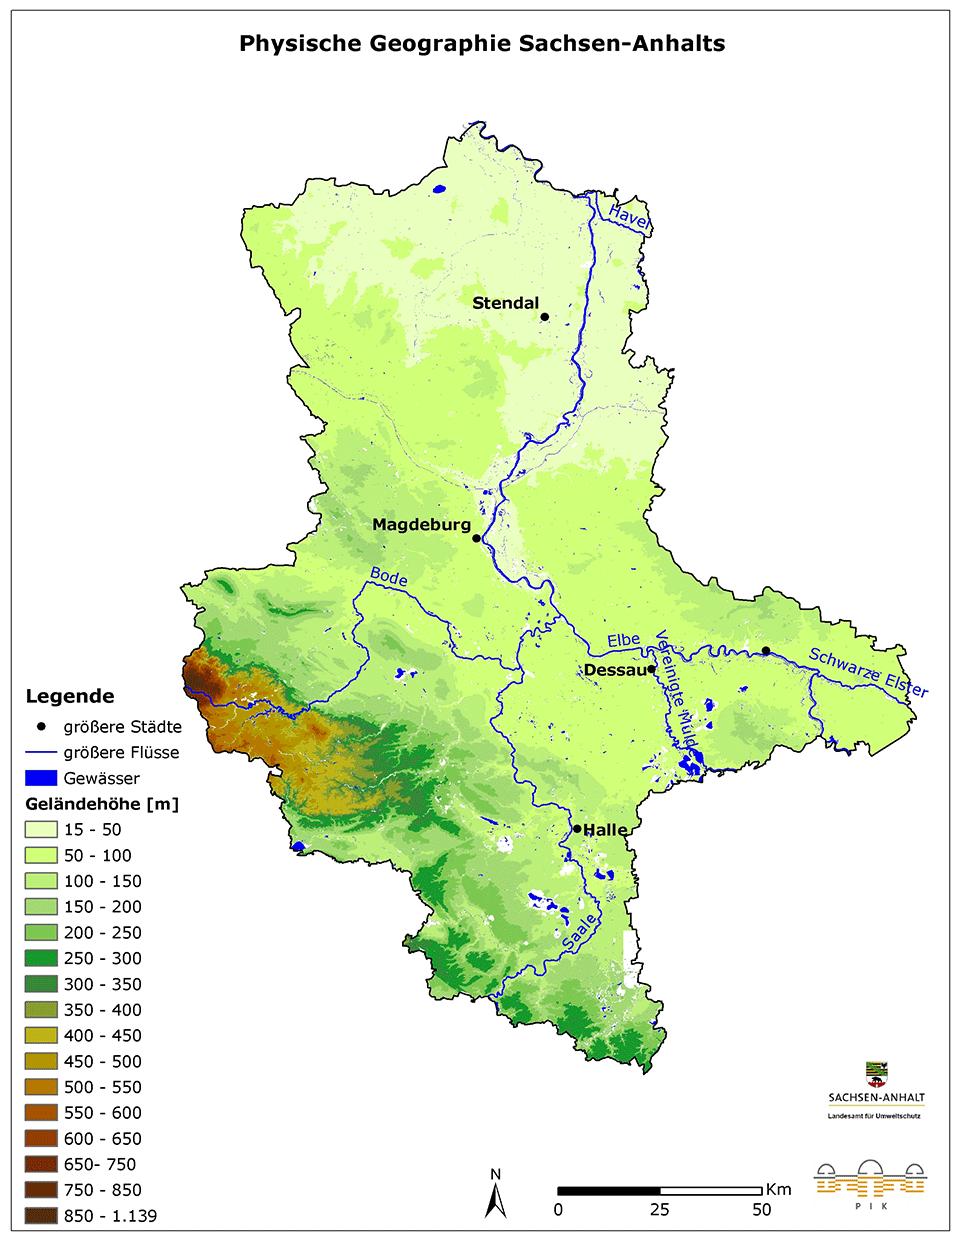 Karte1_physische_geographie_ST